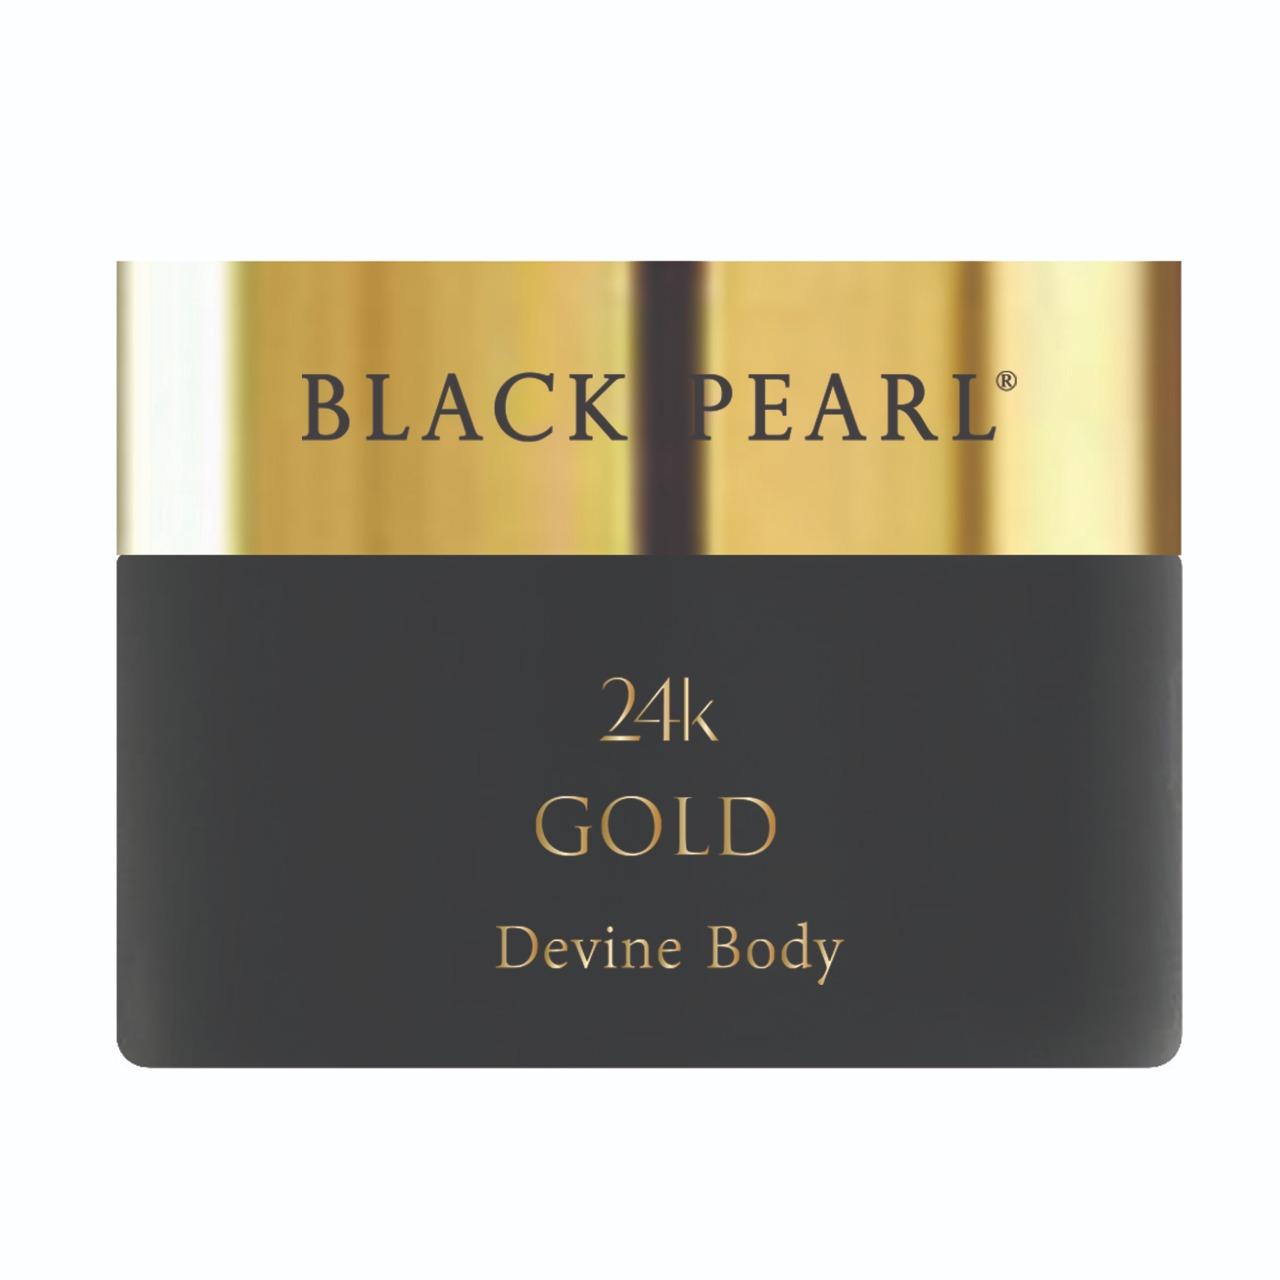 Kem Dưỡng Thể Vàng 24K Black Pearl - 24k Gold Devine Body -  Có Nguồn Gốc Từ Biển Chết - Xuất Xứ Israel - Thúc Đẩy Sự Rạng Rỡ Tự Nhiên Của Da Và Ngăn Ngừa Lão Hóa Sớm - 23763886 , 2848757719749 , 62_22909408 , 22000000 , Kem-Duong-The-Vang-24K-Black-Pearl-24k-Gold-Devine-Body-Co-Nguon-Goc-Tu-Bien-Chet-Xuat-Xu-Israel-Thuc-Day-Su-Rang-Ro-Tu-Nhien-Cua-Da-Va-Ngan-Ngua-Lao-Hoa-Som-62_22909408 , tiki.vn , Kem Dưỡng Thể Và